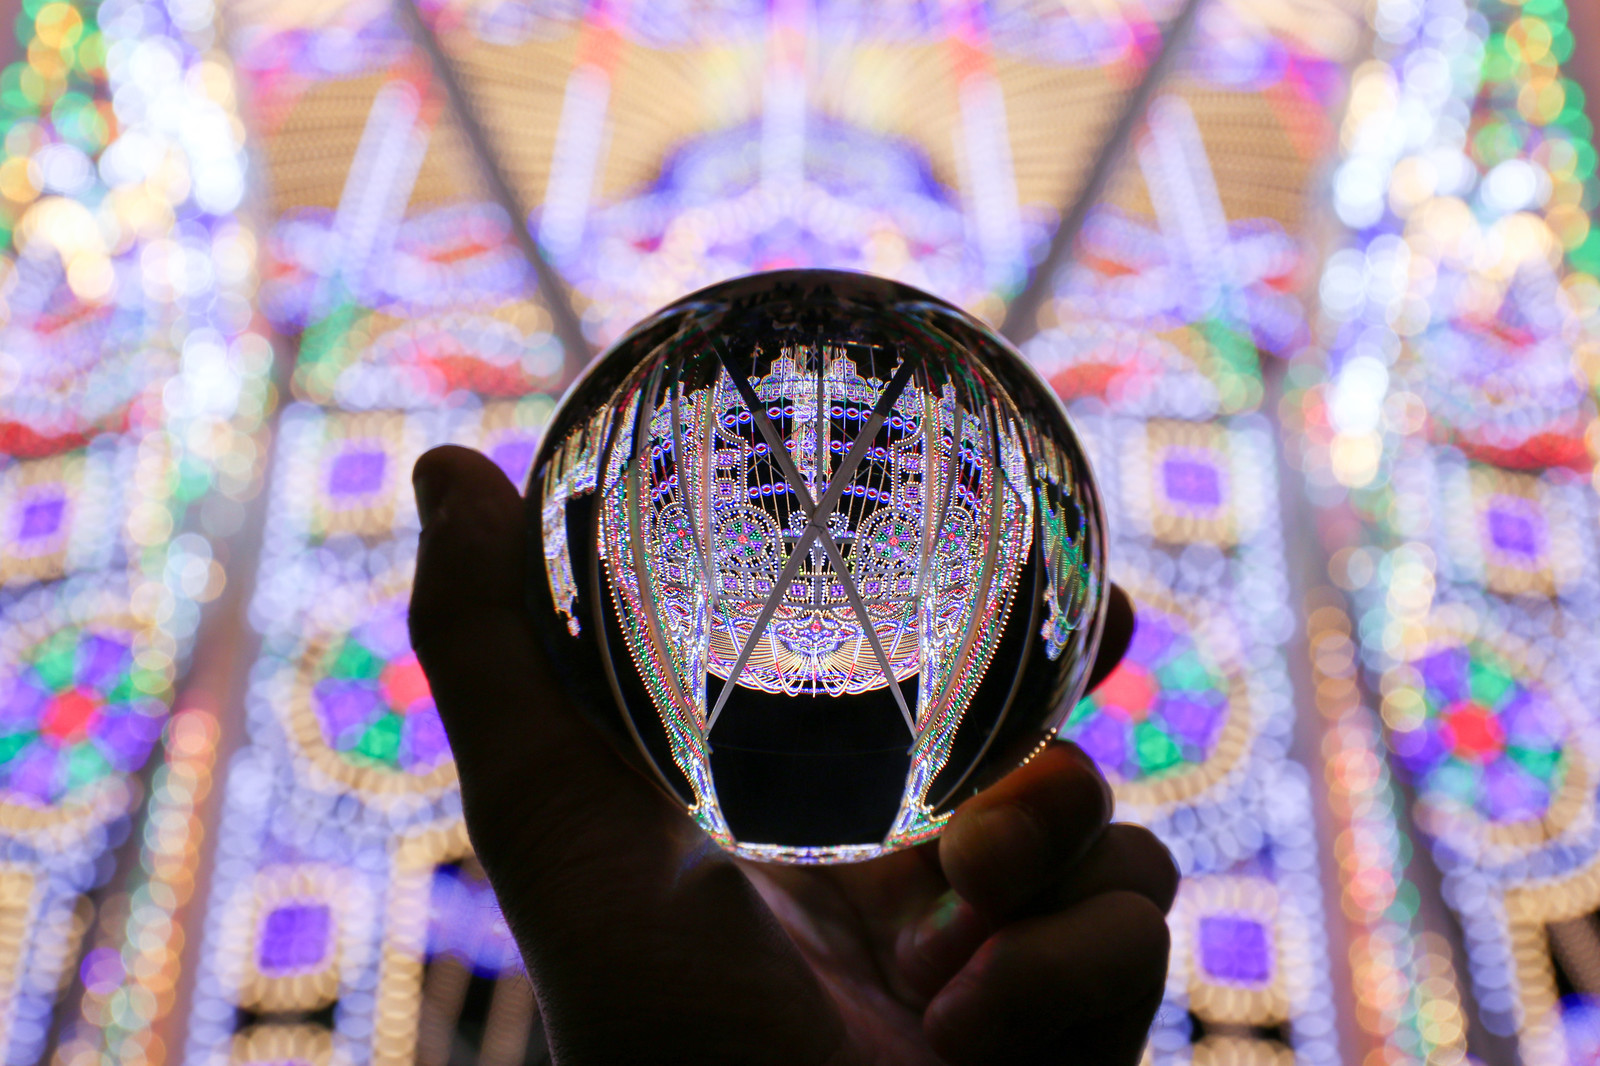 「ガラス玉から広がるイルミネーション」の写真